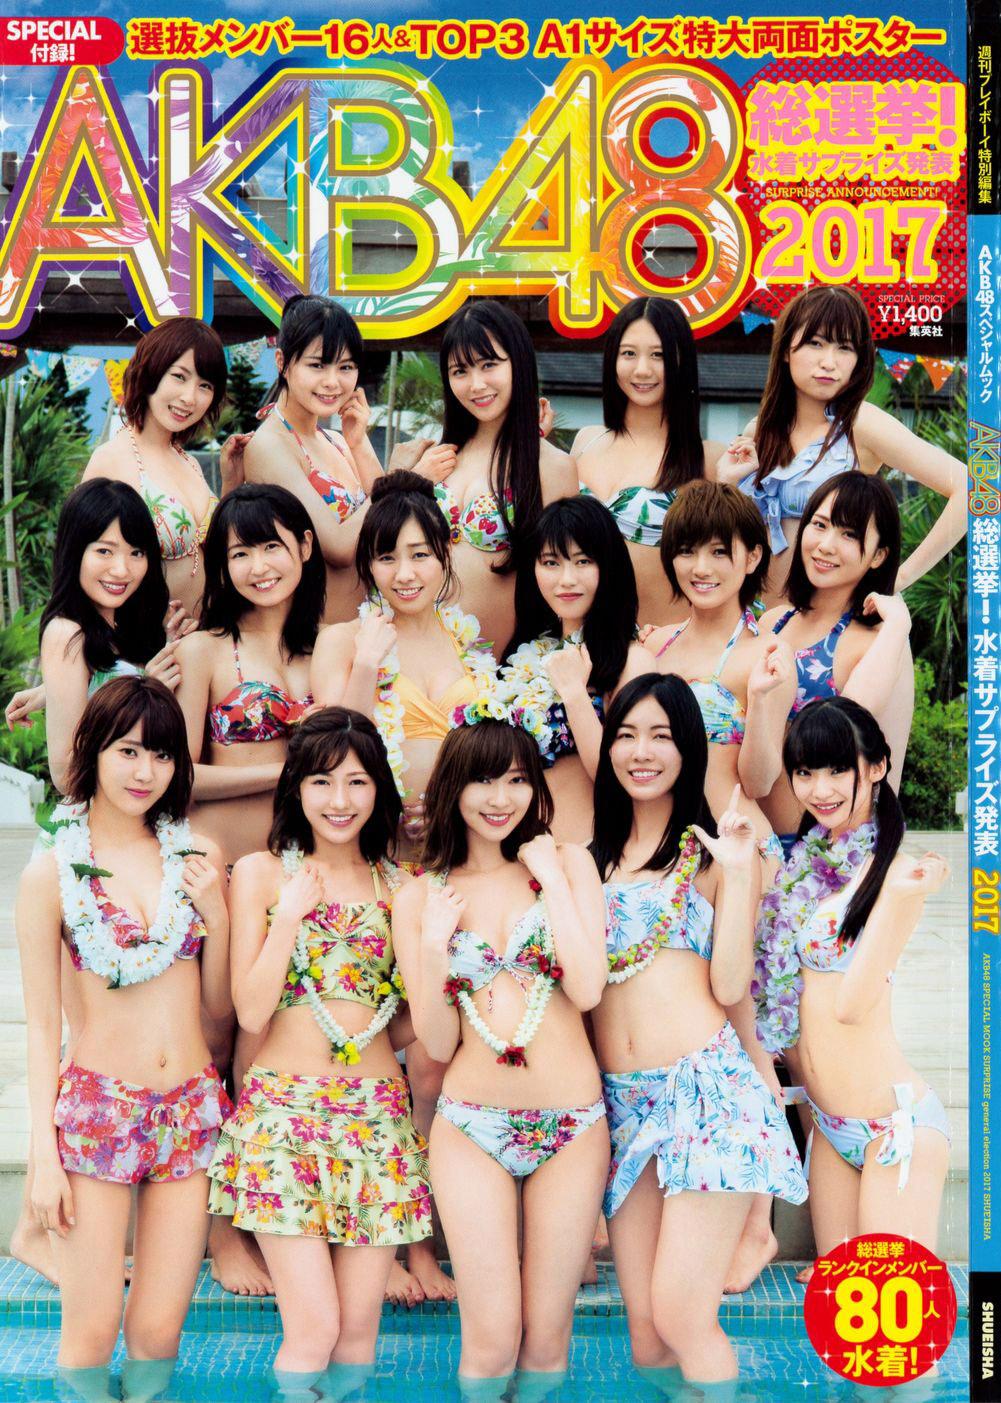 AKB48 Senbatsu Members 11-16, AKB48 Mizugi Surprise Happyou 2017 (AKB48総選挙! 水着サプライズ発表2017)